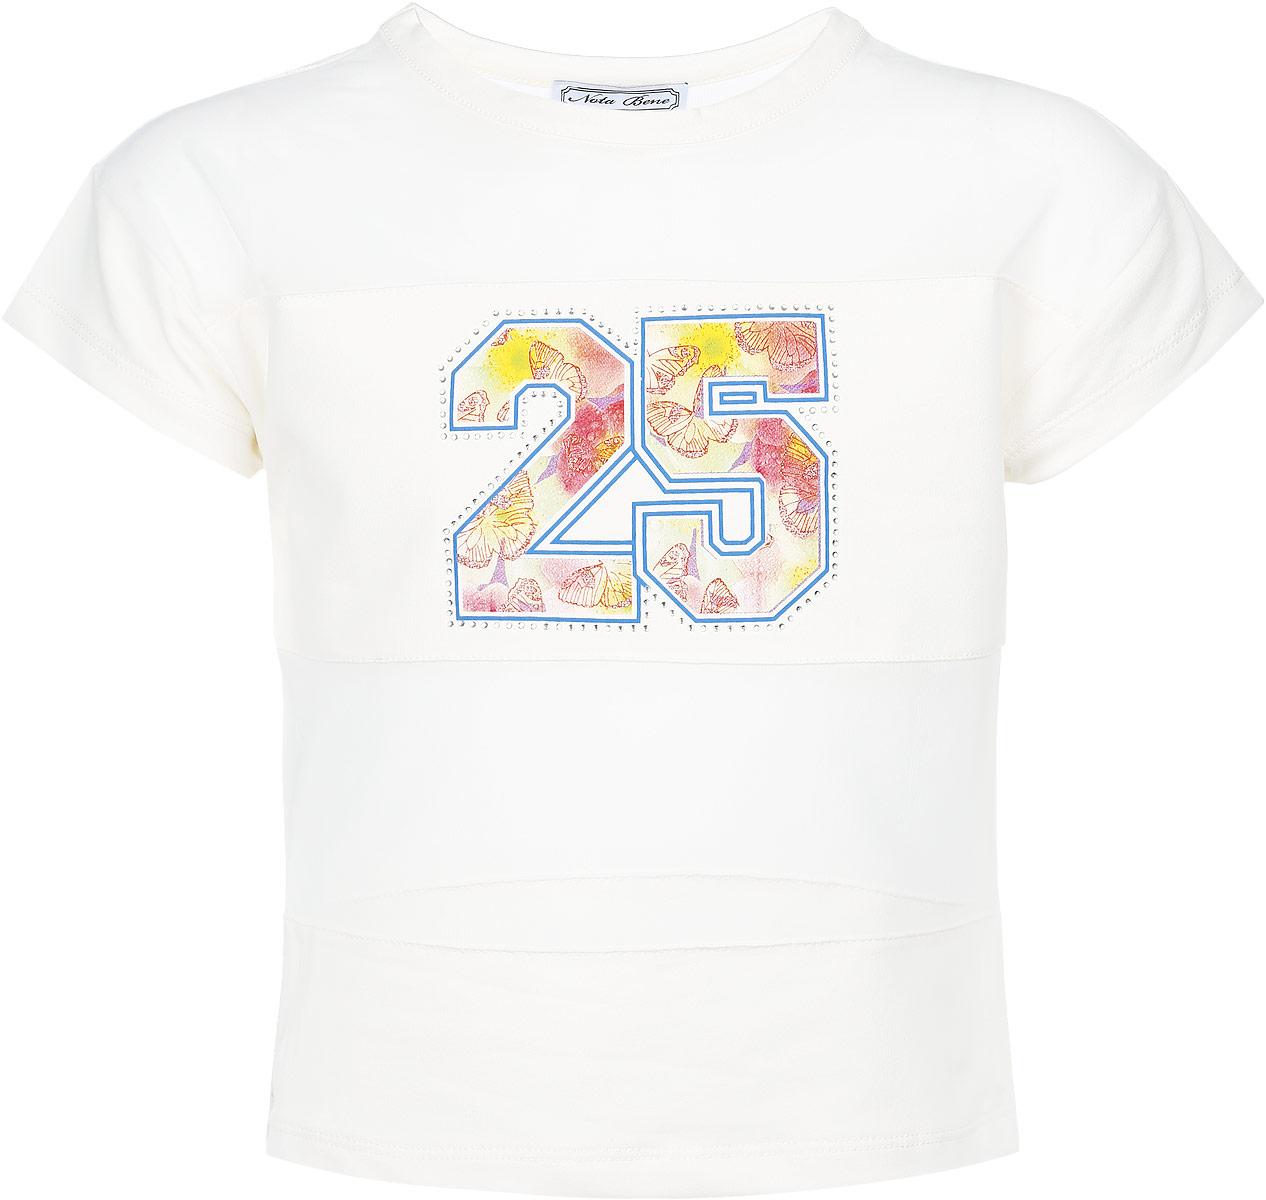 ФутболкаSS162G5341-1Стильная футболка для девочки Nota Bene идеально подойдет юной моднице и станет отличным дополнением к ее гардеробу. Модель выполнена из комбинированной ткани - трикотажа и мягкой микросетки. Она очень мягкая и приятная на ощупь, не сковывает движения ребенка и позволяет коже дышать, обеспечивая наибольший комфорт. Модель с круглым вырезом горловины и короткими рукавами оформлена оригинальным принтом, украшенным стразами и блестящим напылением. В такой футболке ребенок будет чувствовать себя комфортно, уютно и всегда будет в центре внимания!